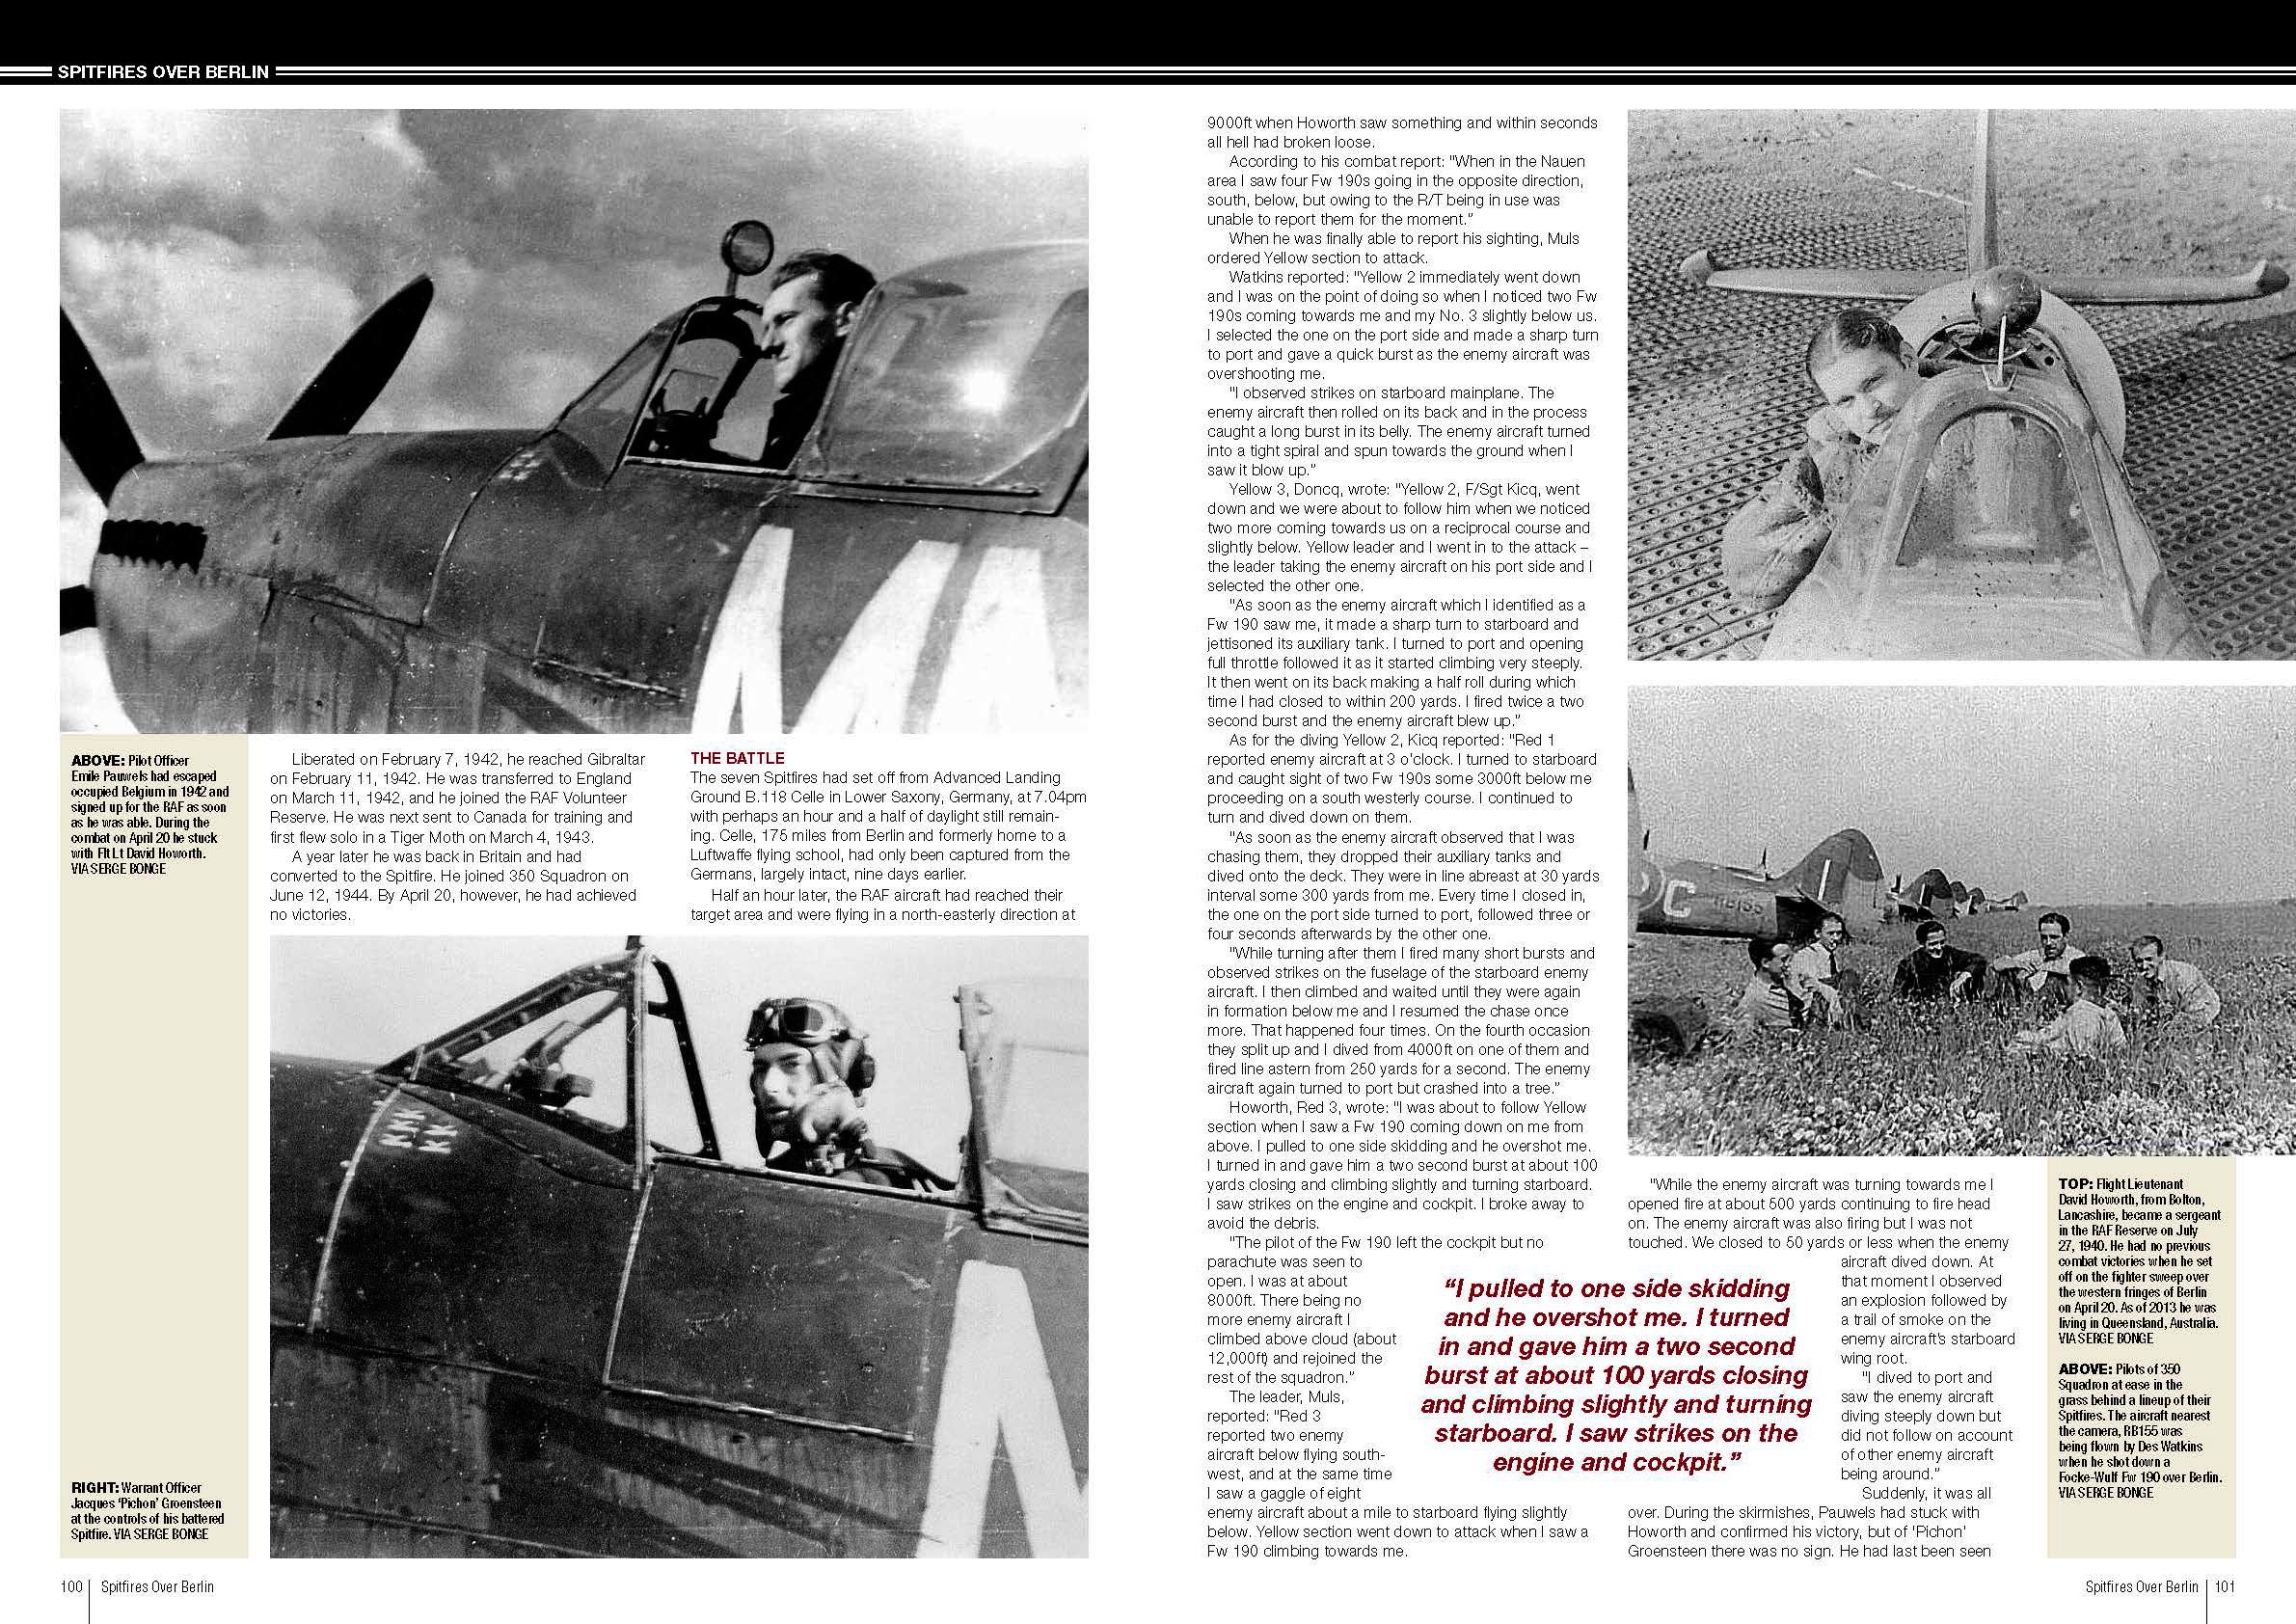 Spitfires over Berlin RAF 350Sqn pages 100 101